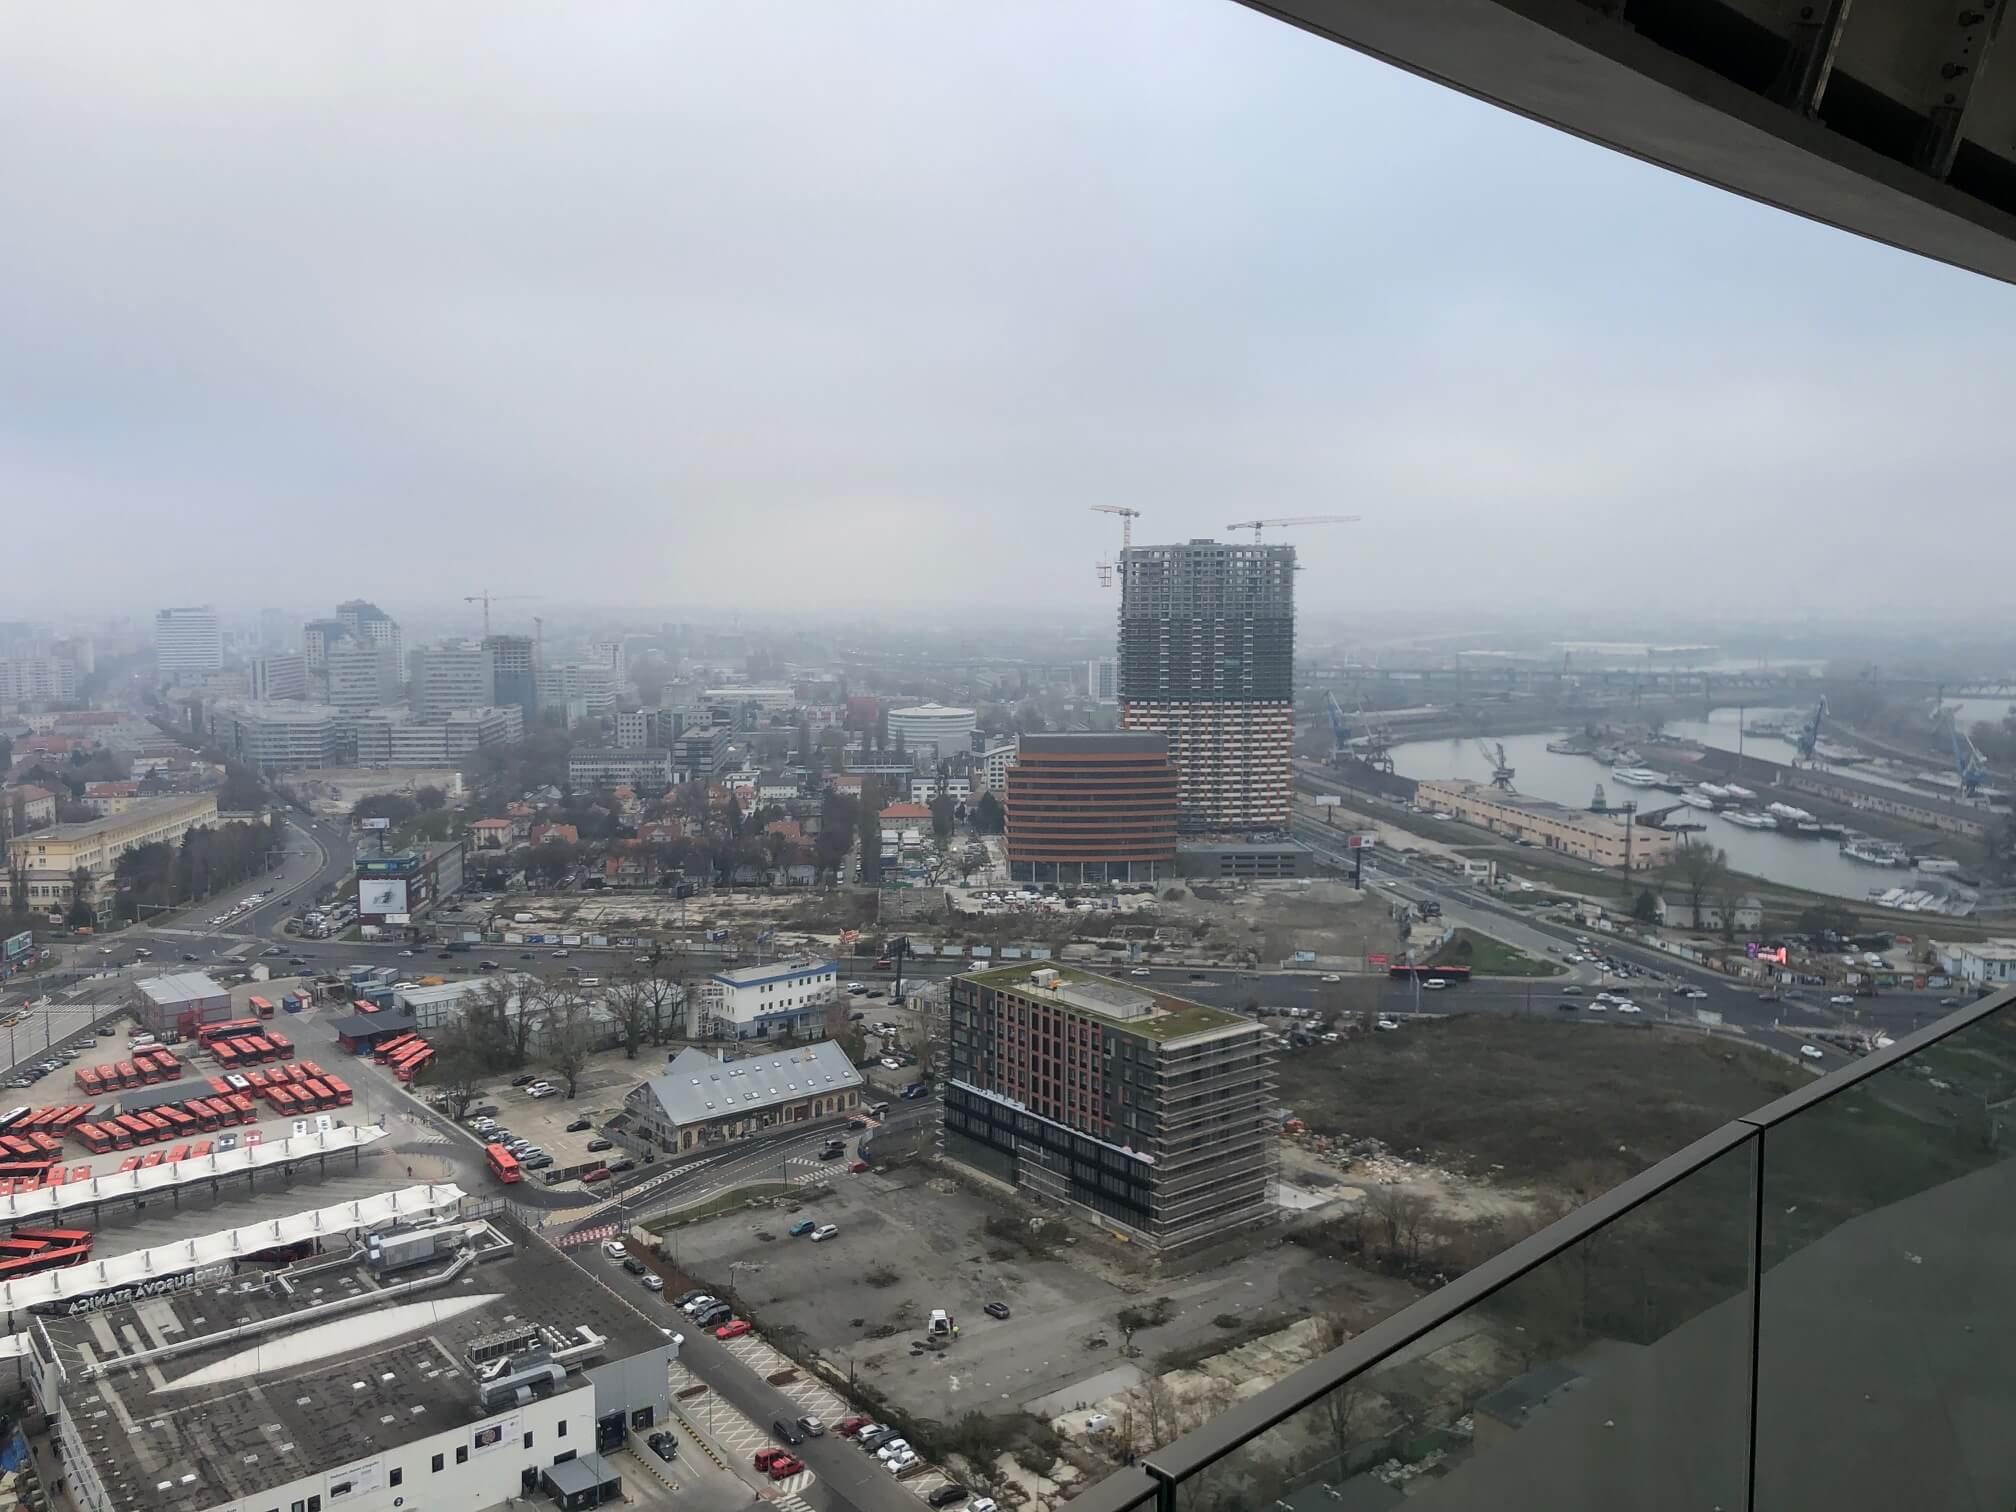 Predané: 2 izbový byt v Sky parku, I Veža, 6 nadzemné podlažie, úžitková 46,28 m2 ,Loggia 4,75m2, parkovanie-11